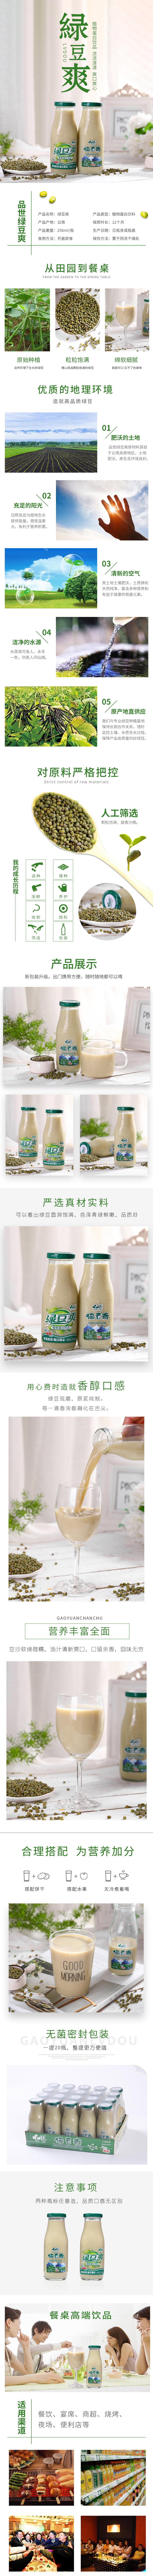 品世玻璃瓶绿豆爽